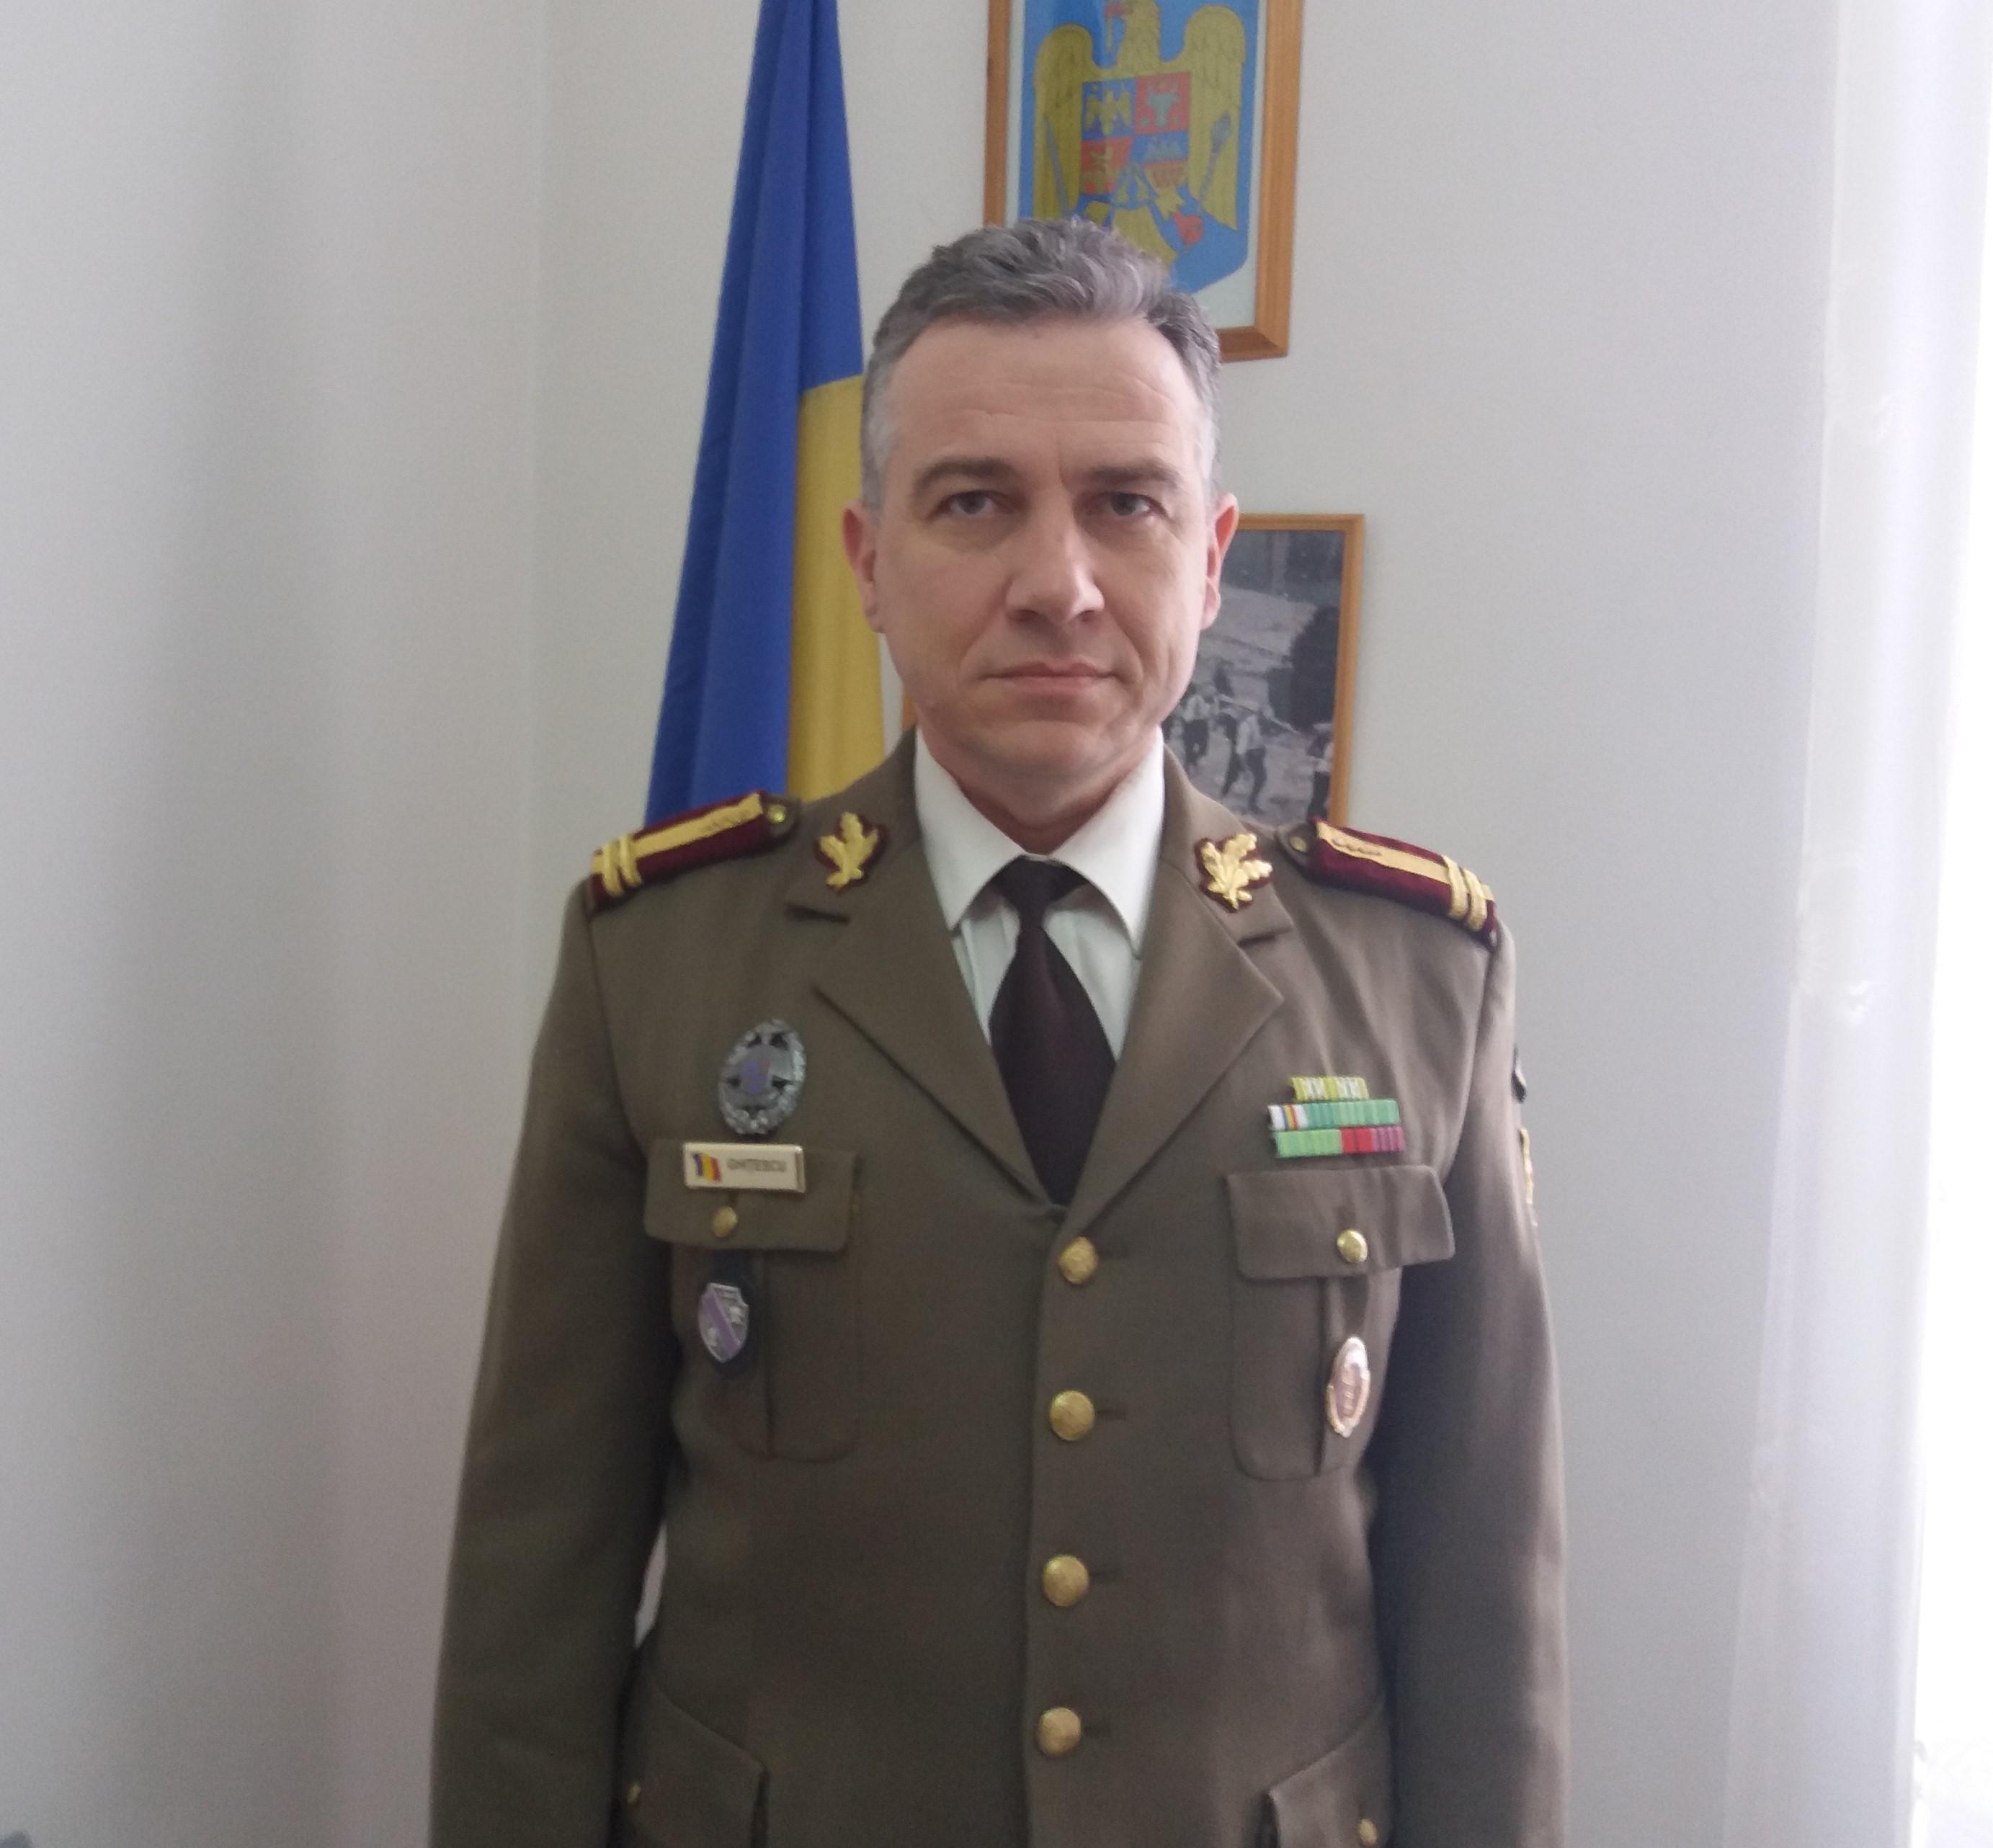 Vicentiu Teodor Ghitescu